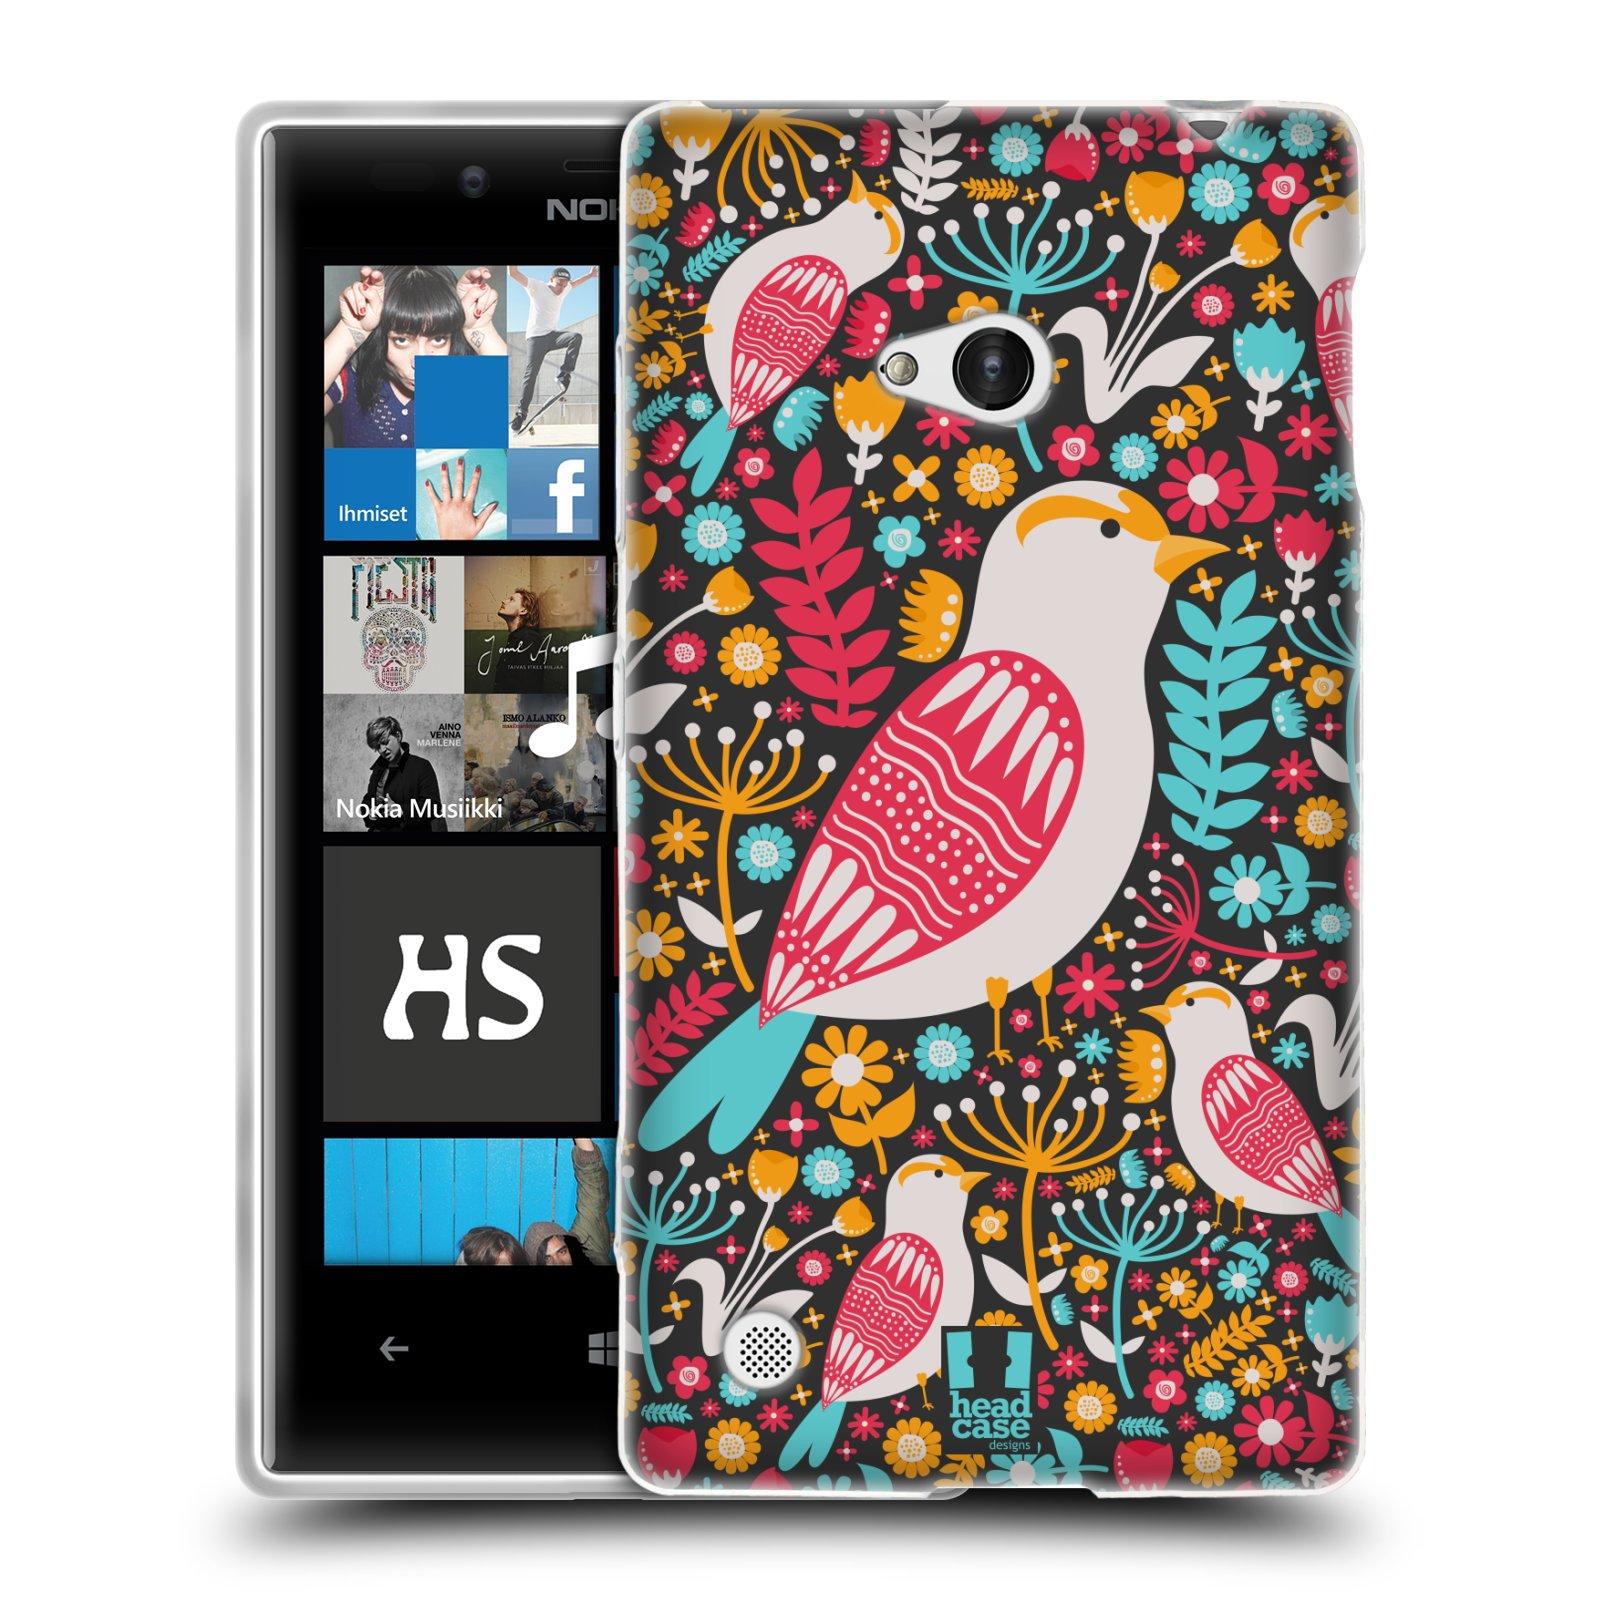 HEAD CASE silikonový obal na mobil NOKIA Lumia 720 vzor kreslení ptáci dlask obecný